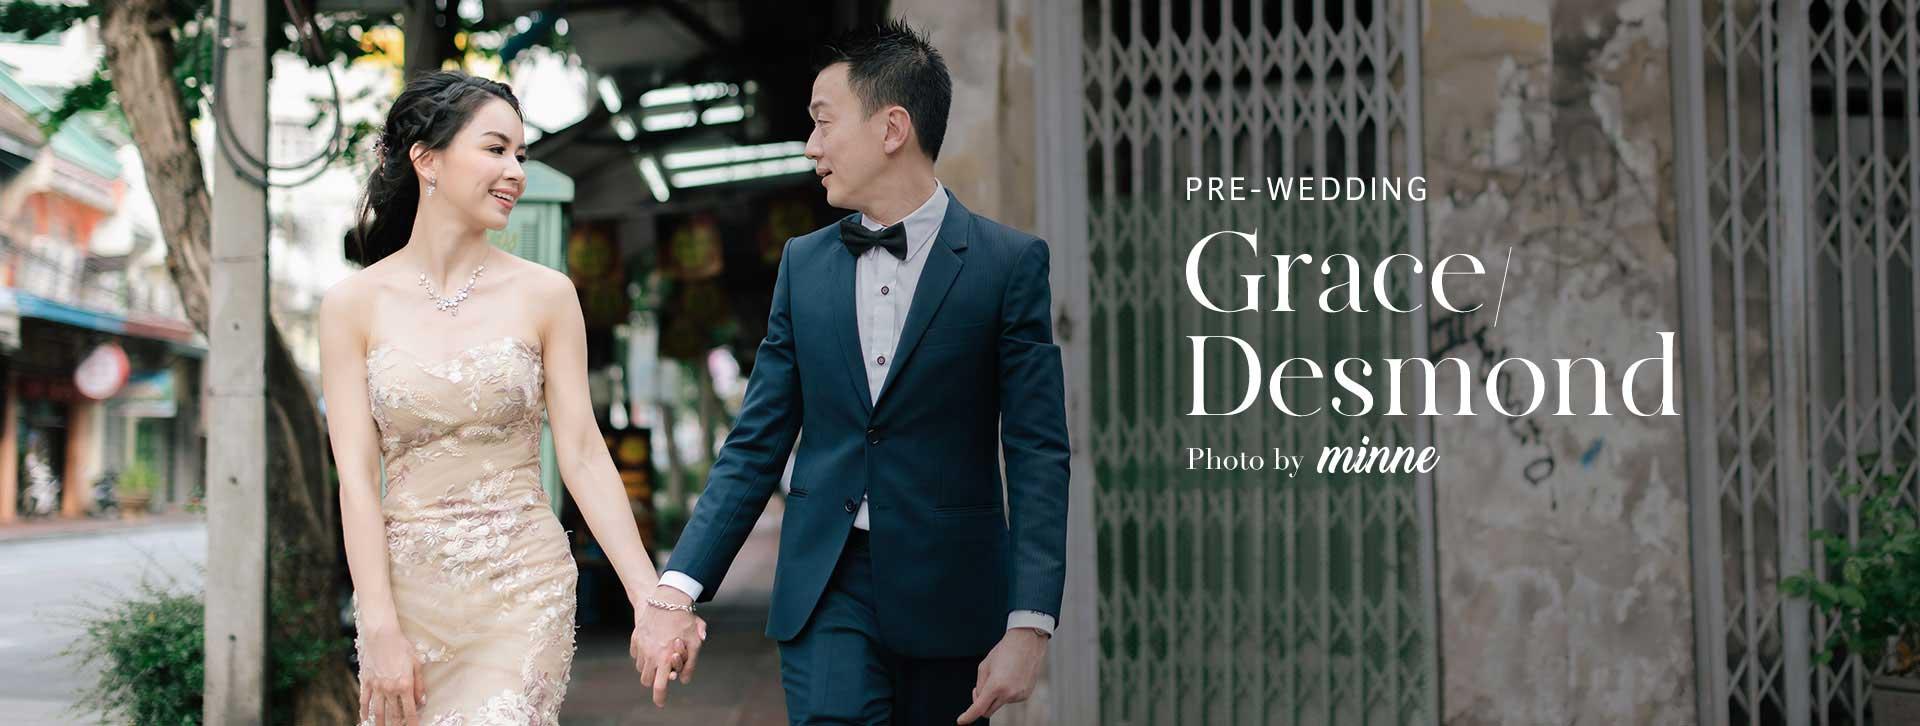 bangkok thailand pre wedding grace desmond long cover